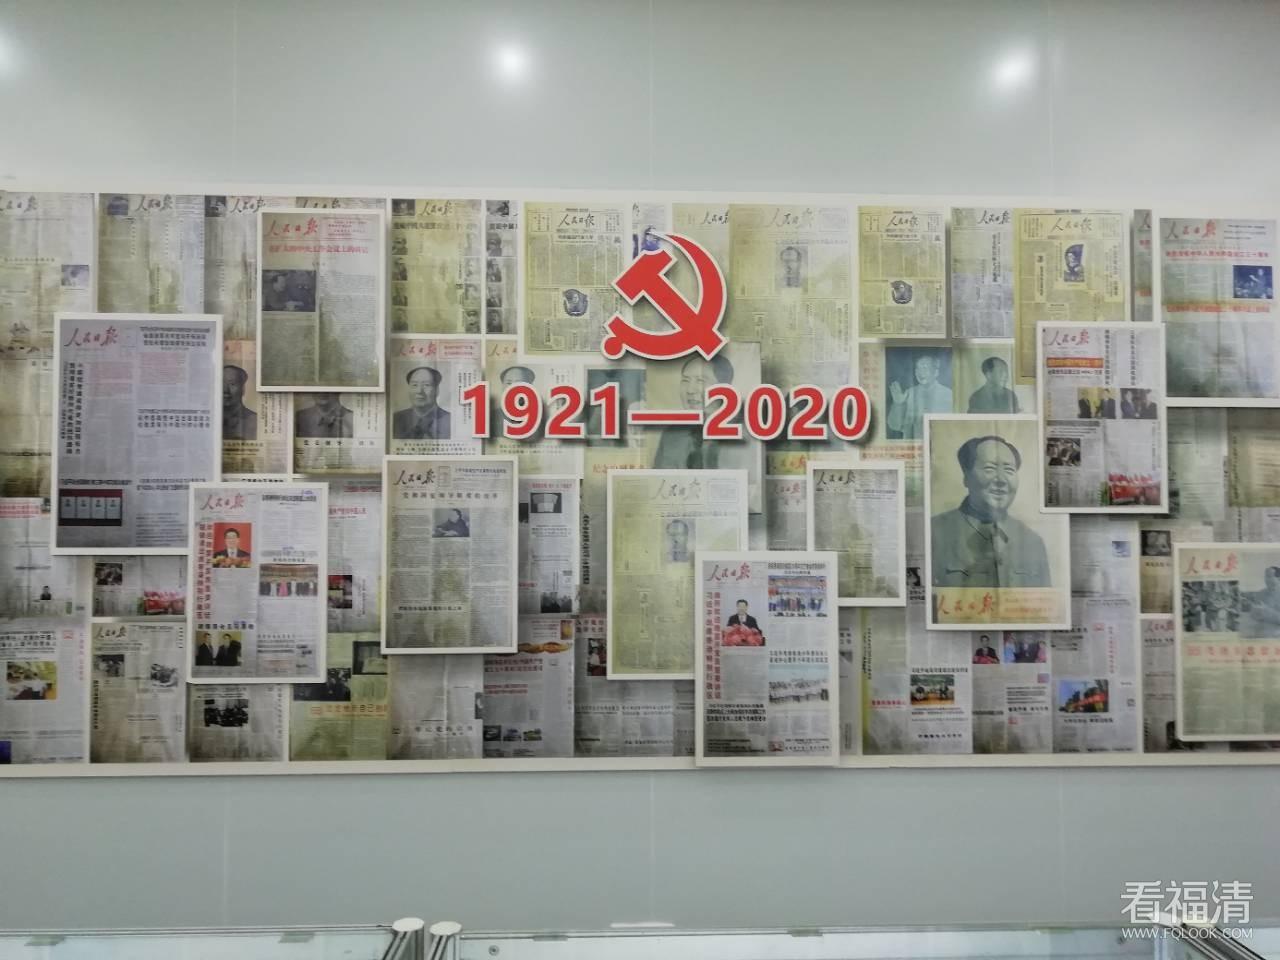 感悟红色文化 传承红色精神——参观中国红色历史文化展